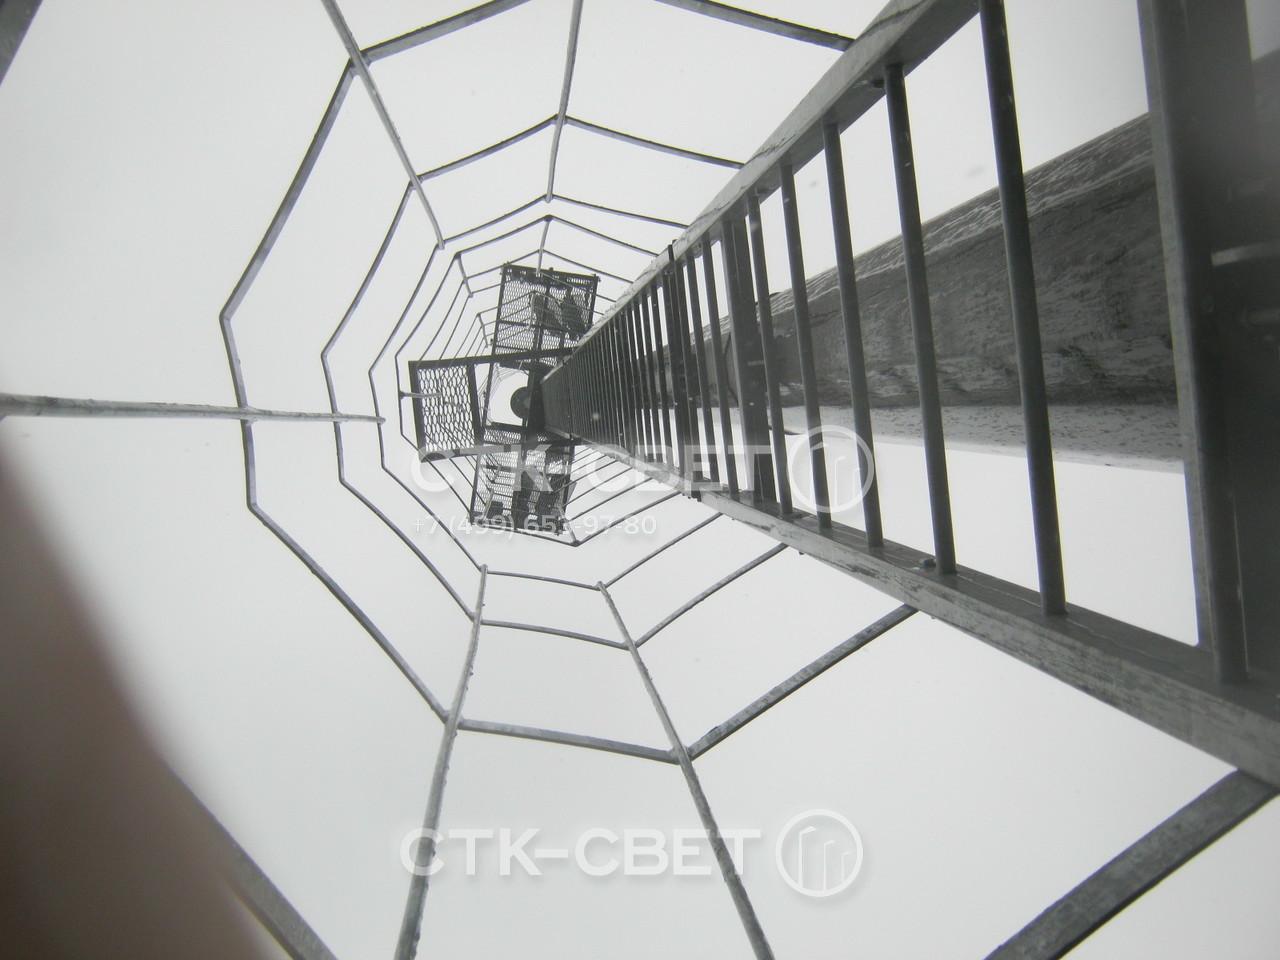 Лестница с защитной рамой уменьшает затраты на эксплуатацию инженерной конструкции. Для обслуживания светильников не нужно арендовать автомобильный гидроподъемник. Электрик поднимается по лестнице.